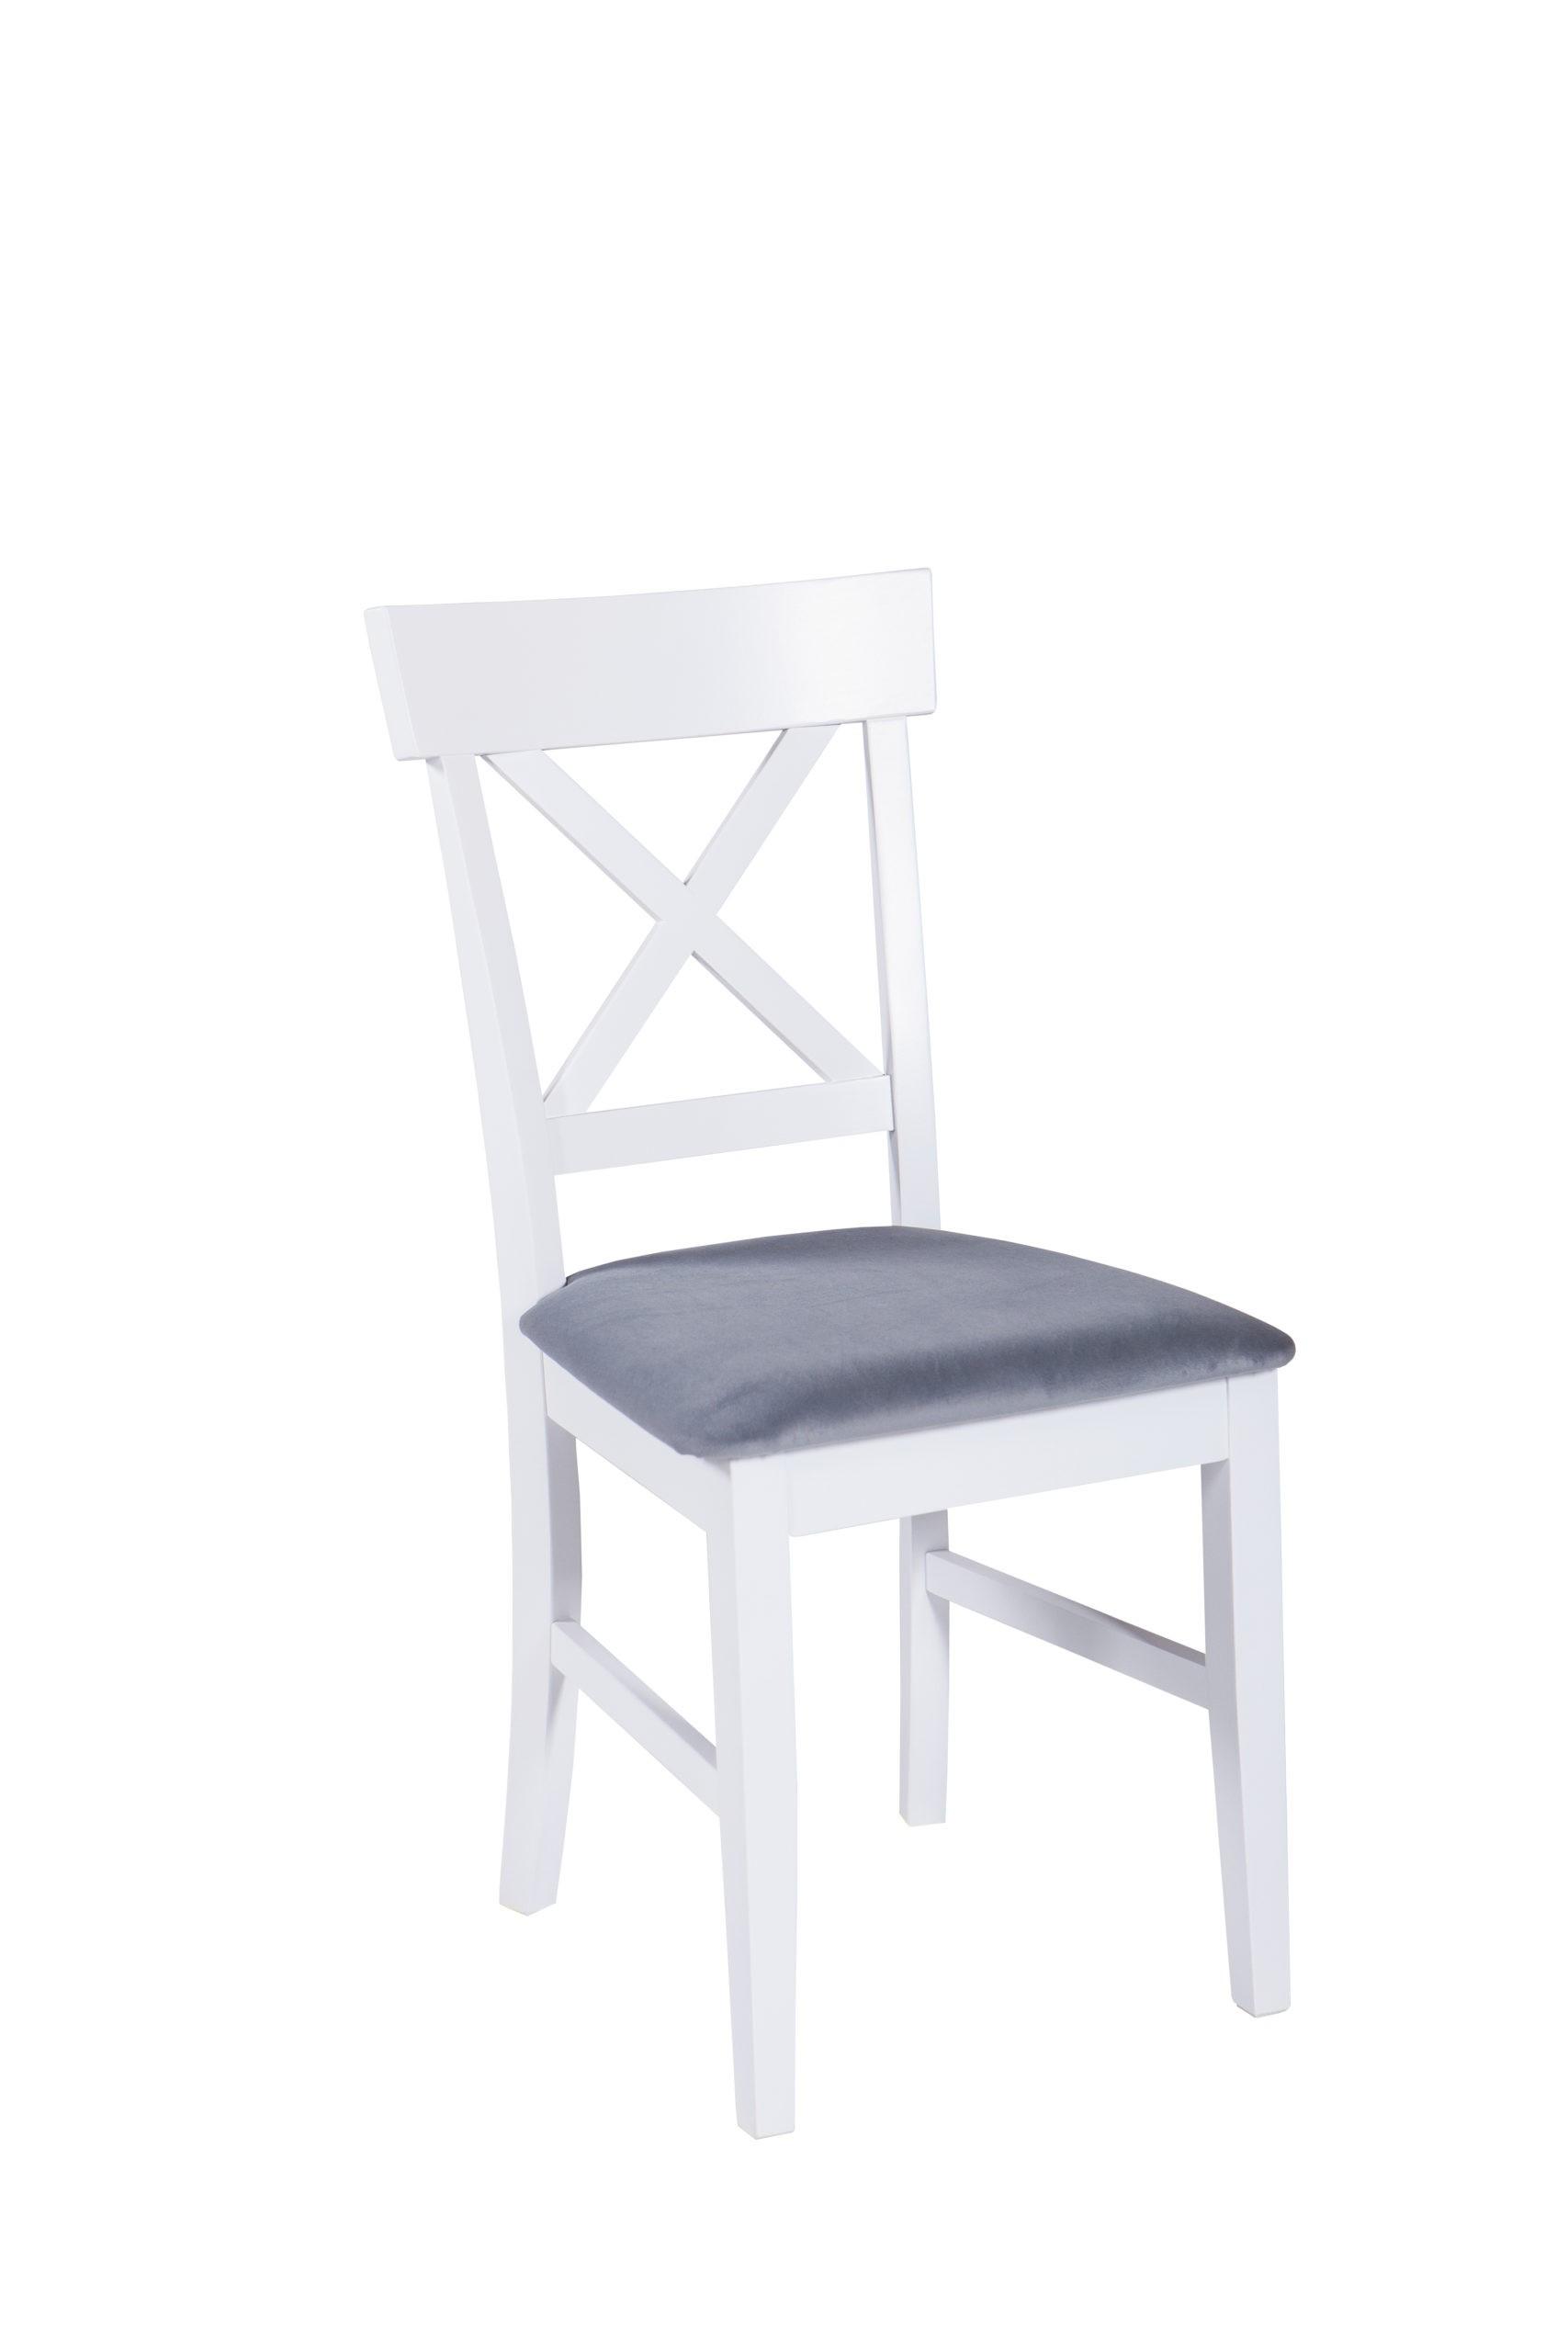 Nowoczesne drewniane krzesło do jadalni MR 867 w kolorze białym